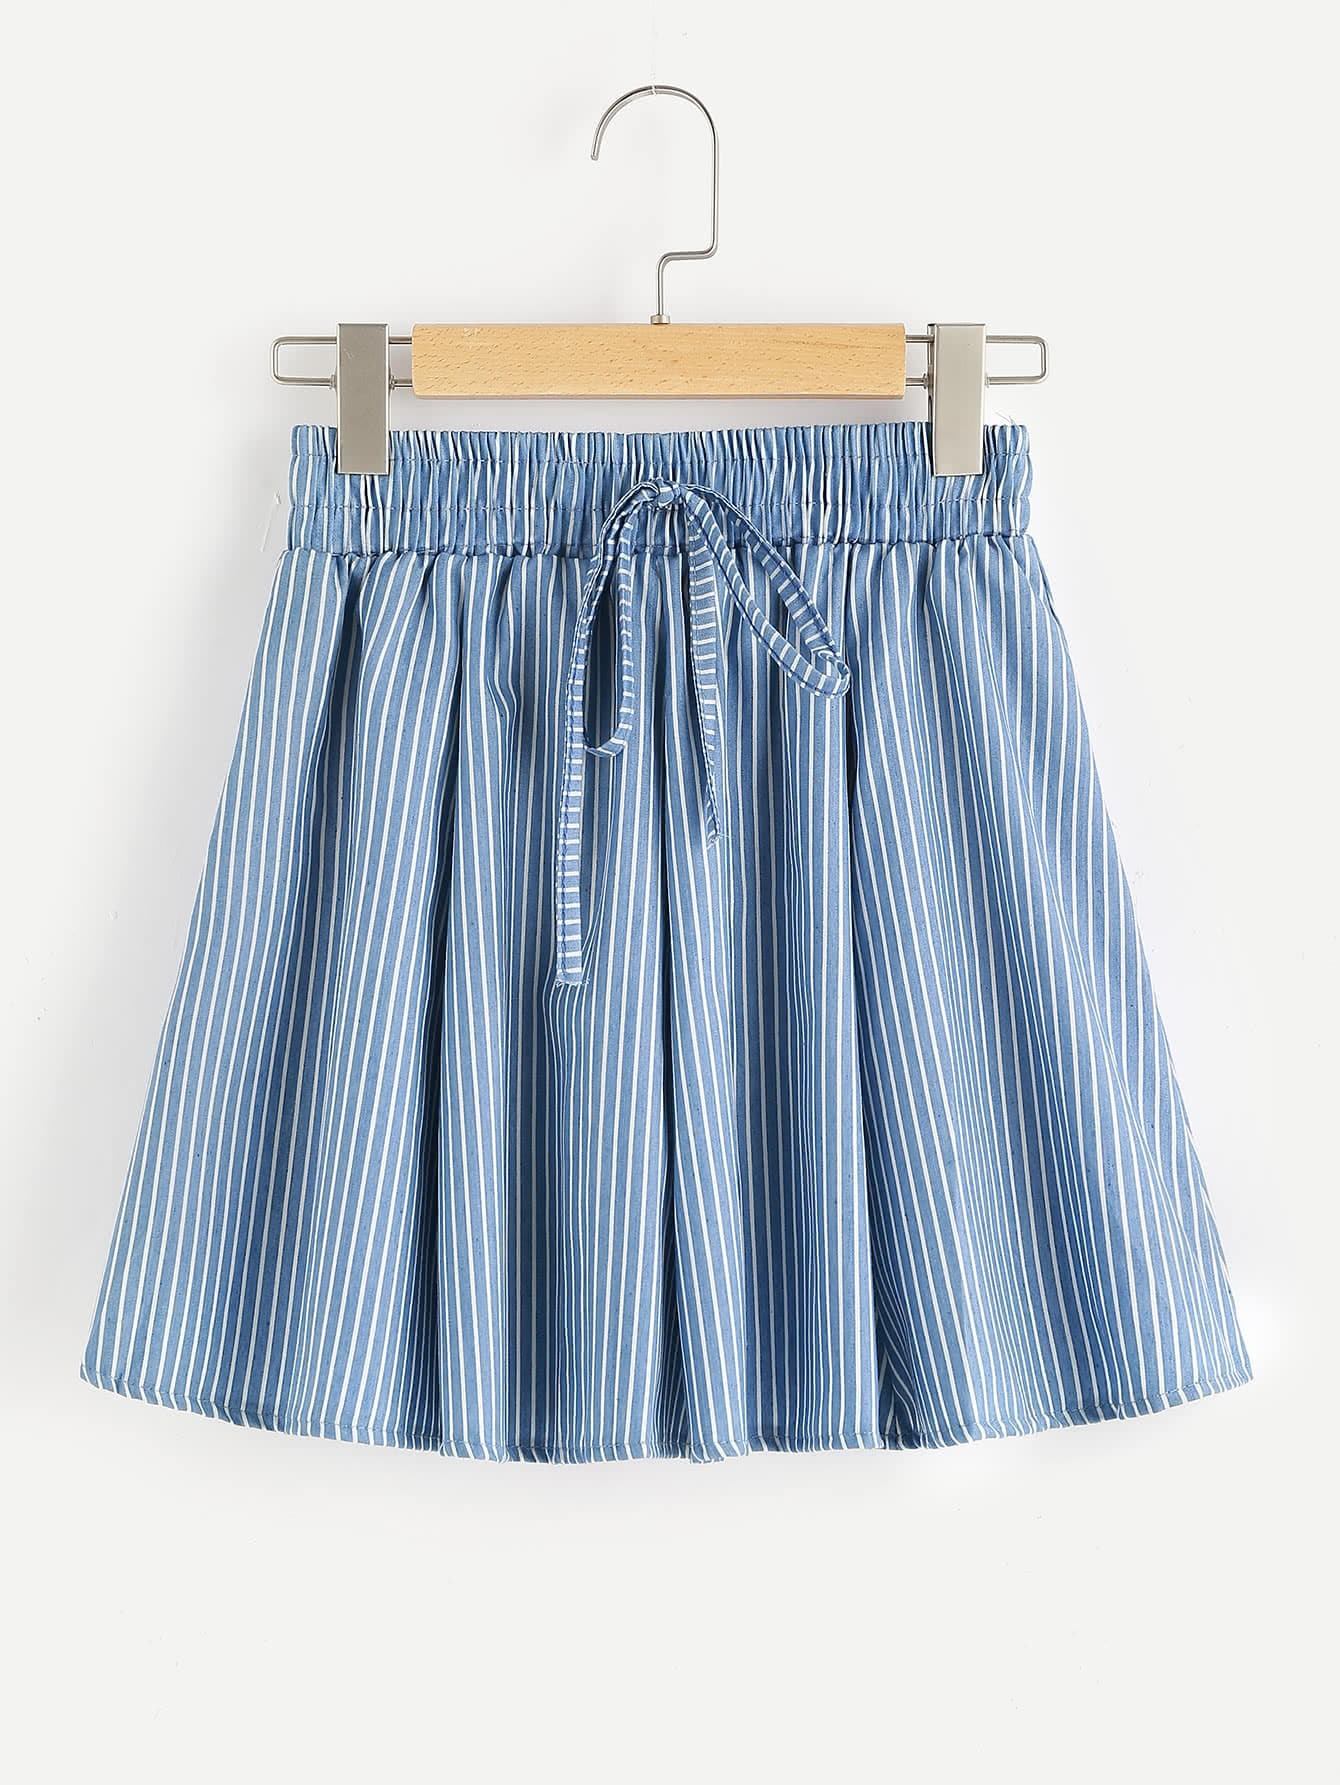 Vertical Striped Drawstring Waist Skirt